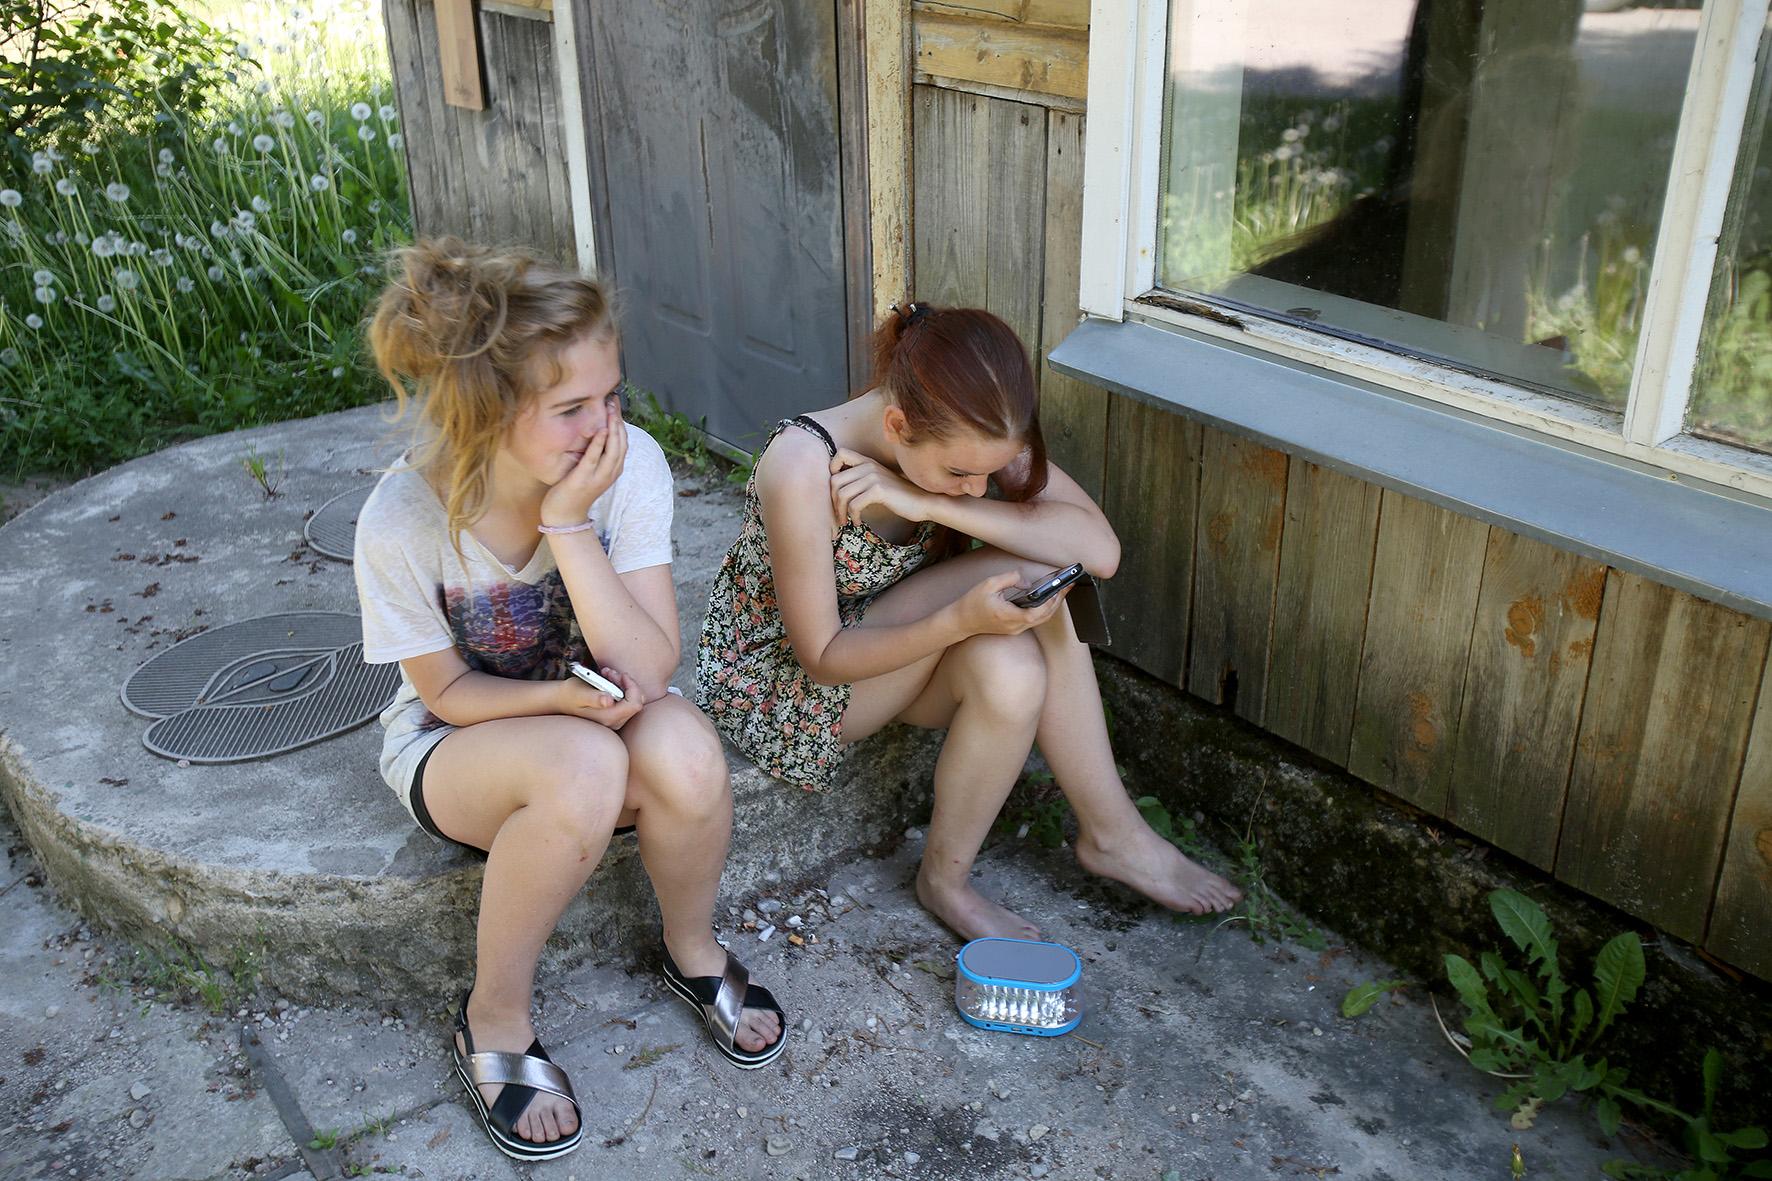 Štai šalia vienos trobos sutinkame sėdinčias Mariją ir Deimantę. Mergaitės klausosi muzikos ir šnekučiuojasi. A. Barzdžiaus nuotr.